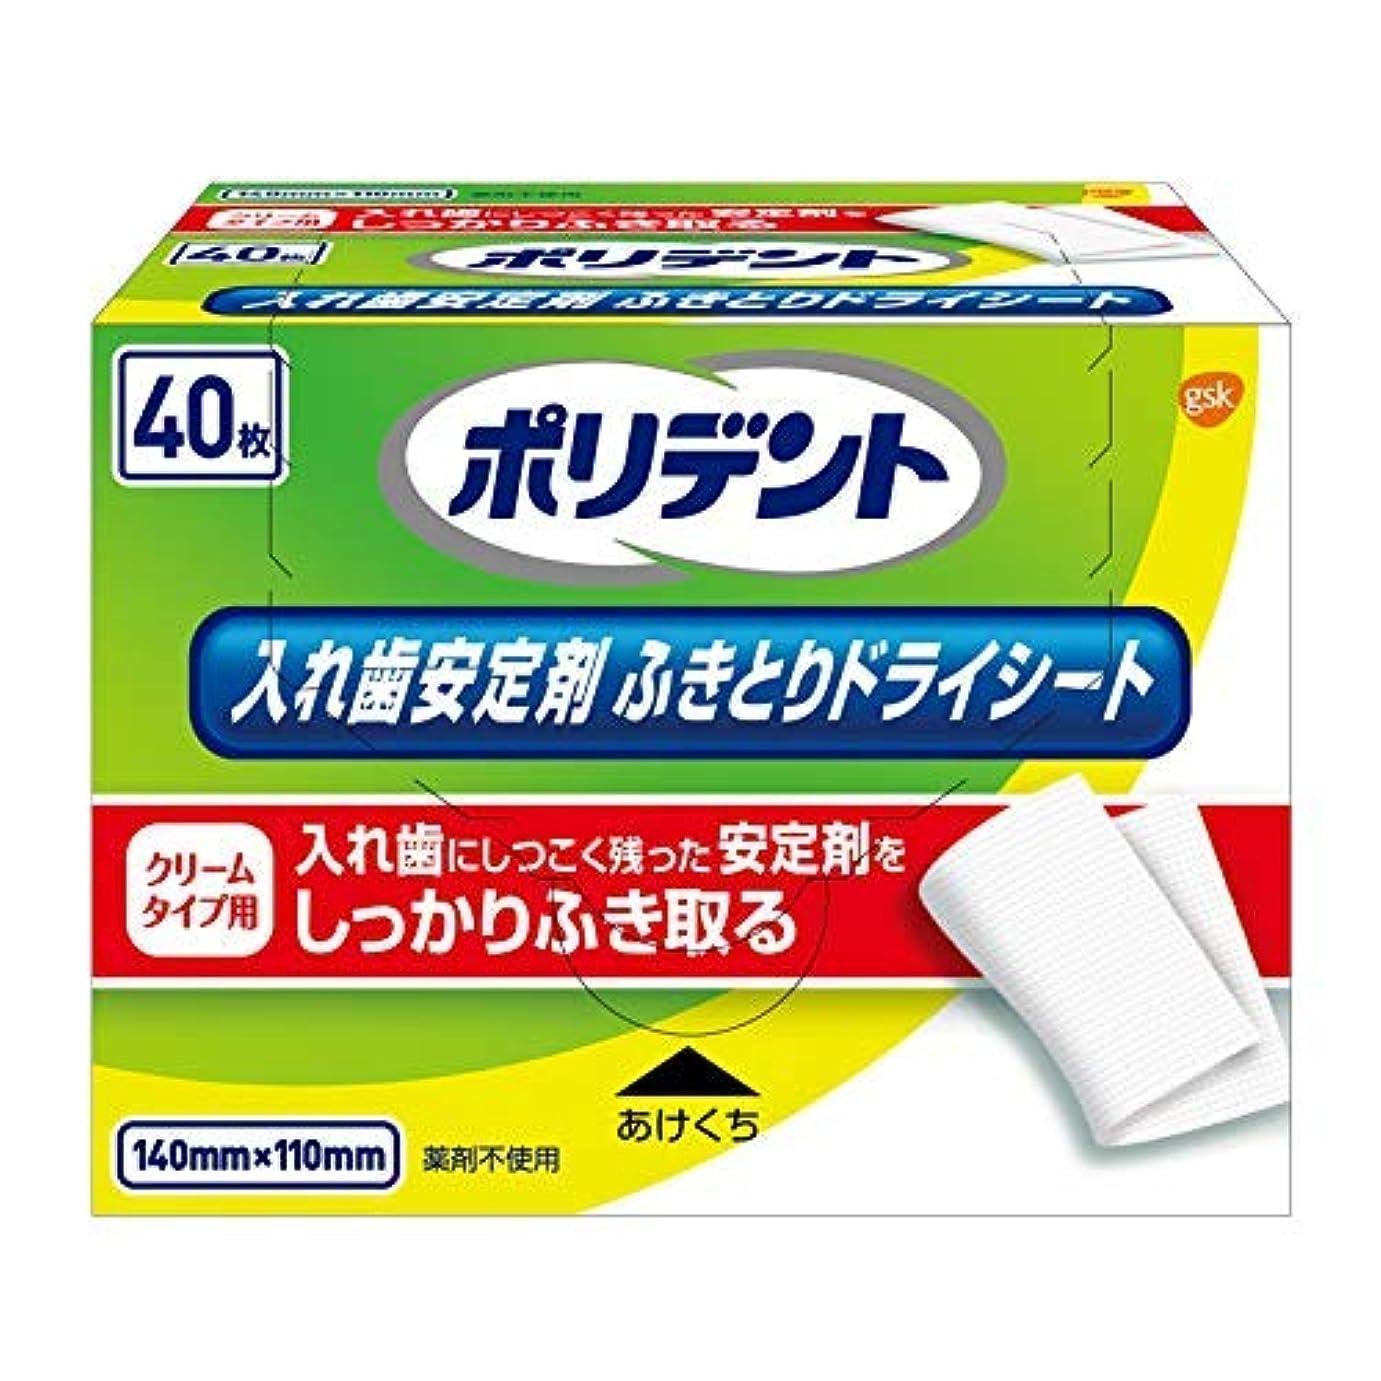 ポンドユーザー前奏曲ポリデント入れ歯安定剤ふきとりドライシート × 2個セット